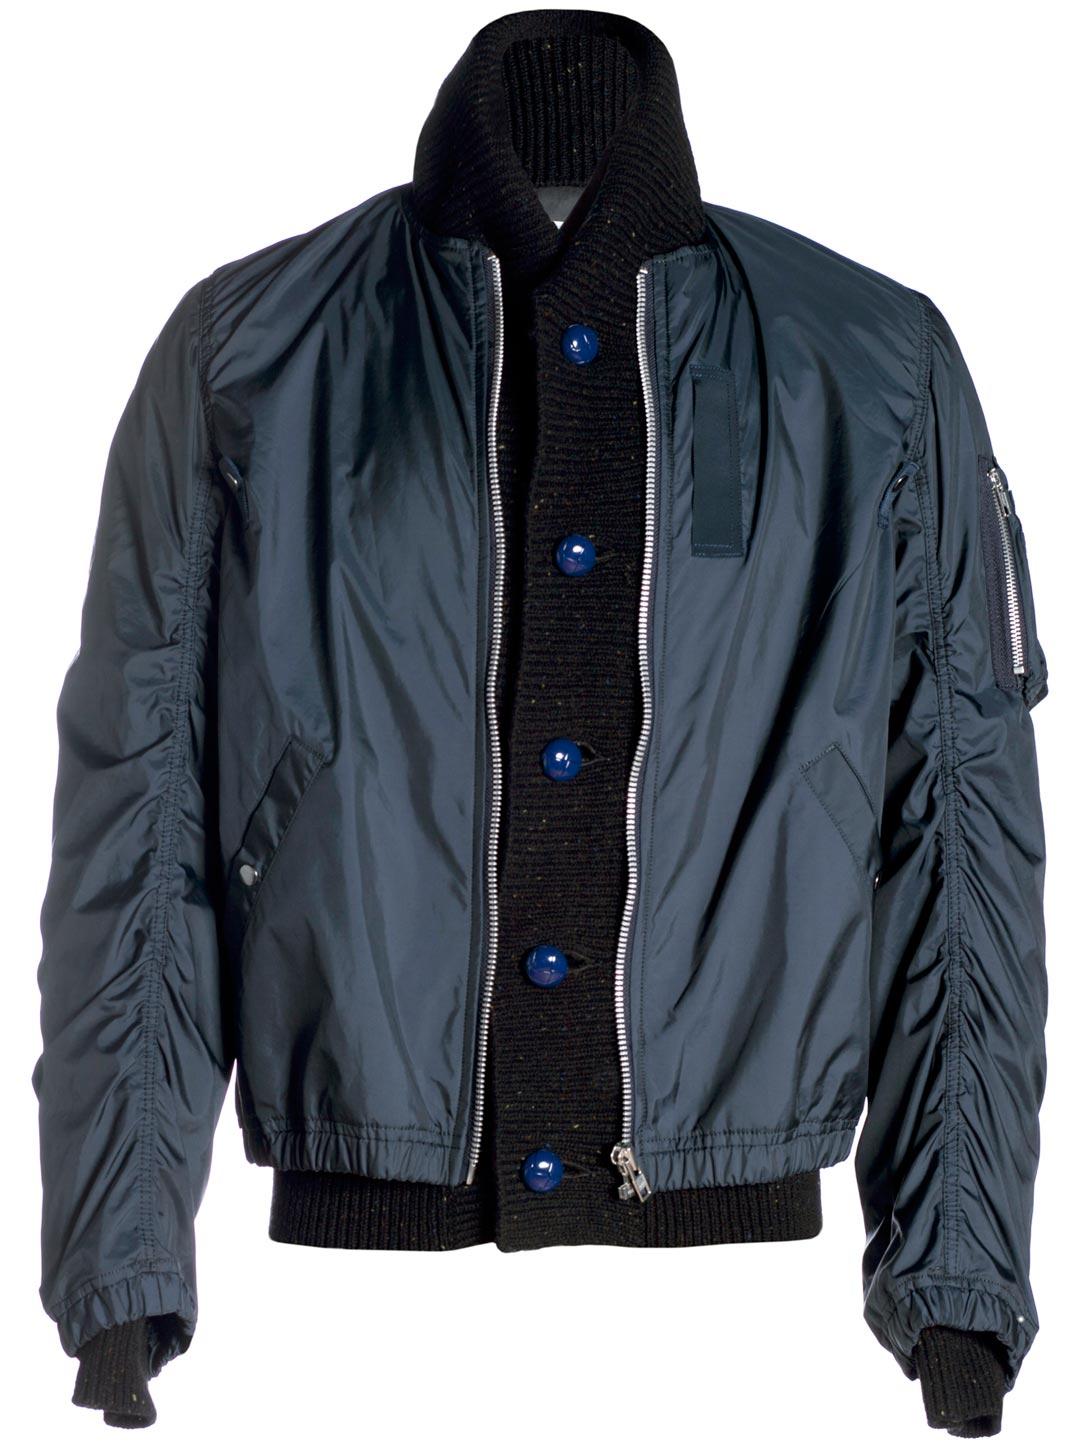 Jeu À Trouver Les Meilleurs Jeu Style De Mode Silk-blend Ripstop Jacket - Navysacai 2018 La Vente En Ligne Coût De Dédouanement Abordables À Vendre 8wqi9WT